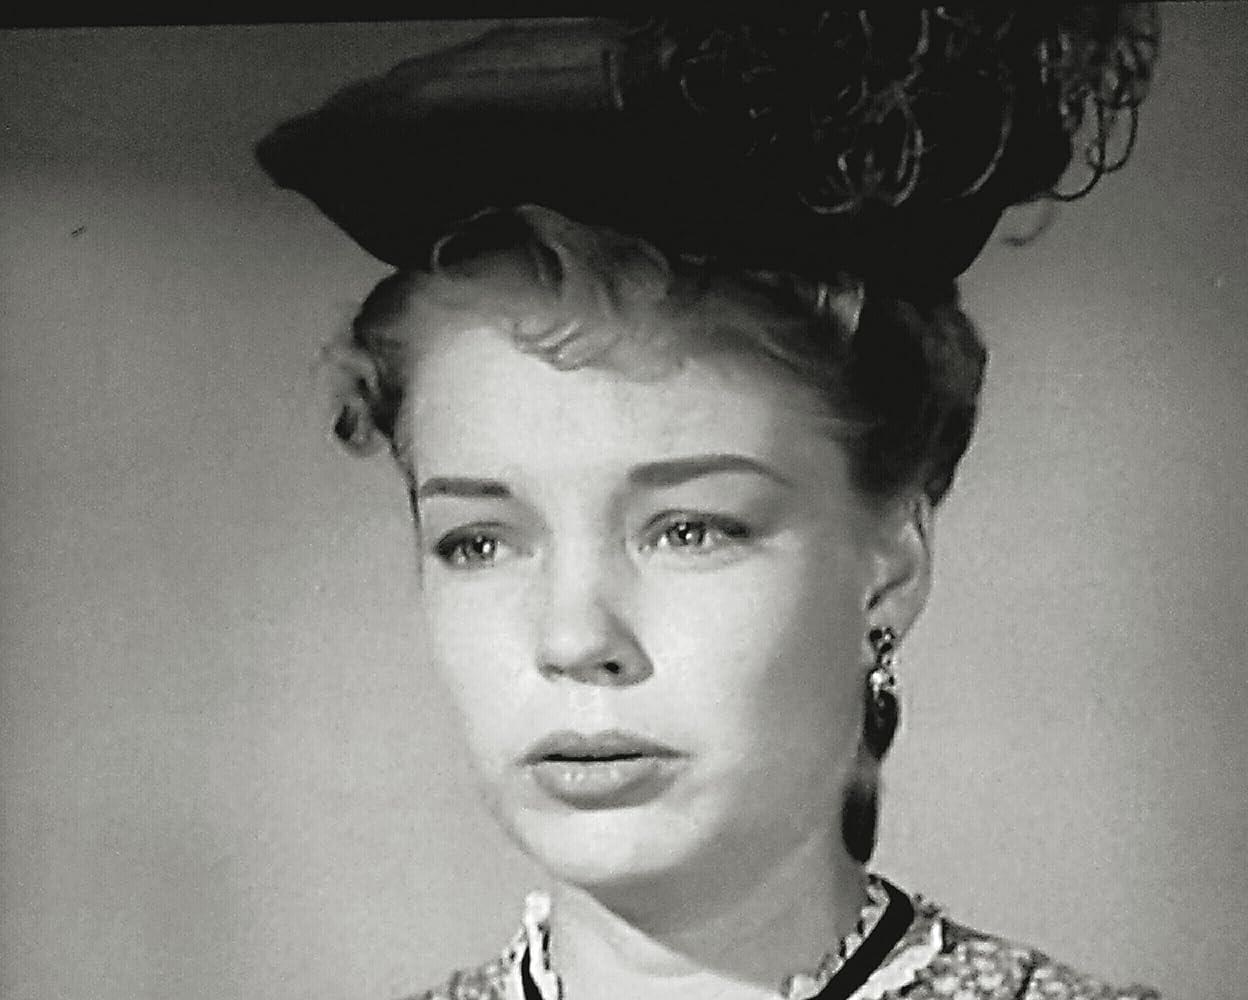 Eilene Janssen